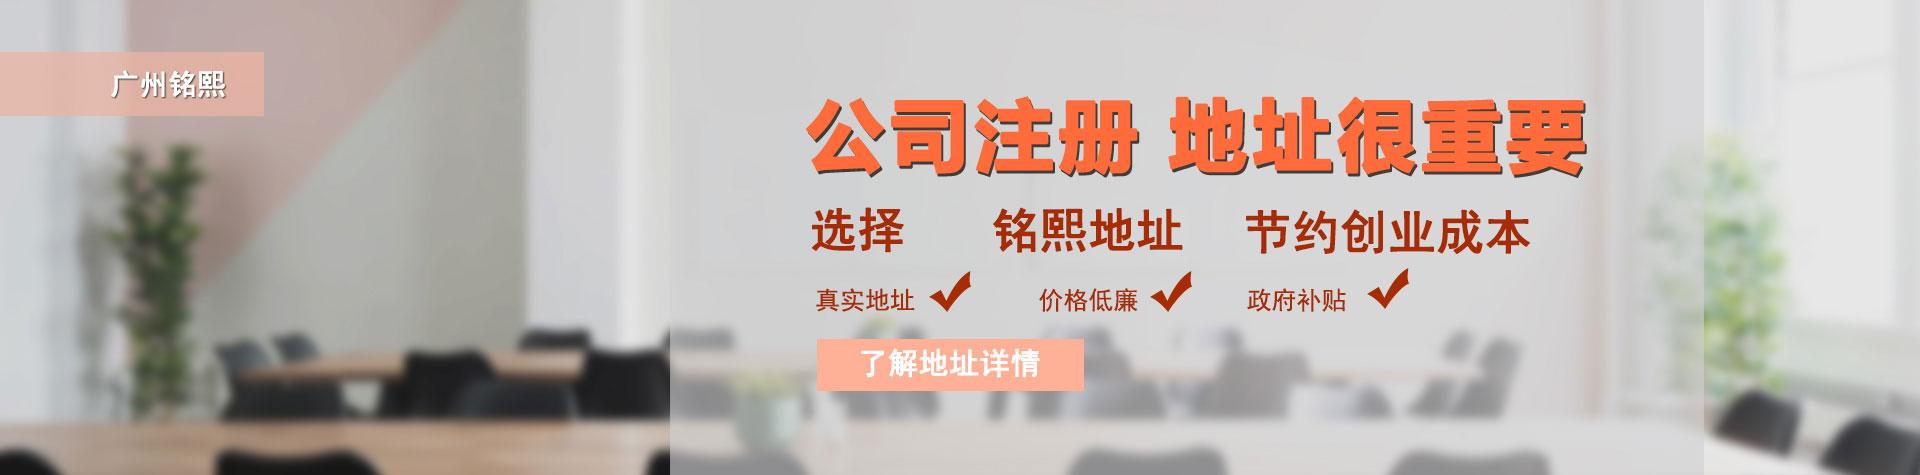 广州公司注册